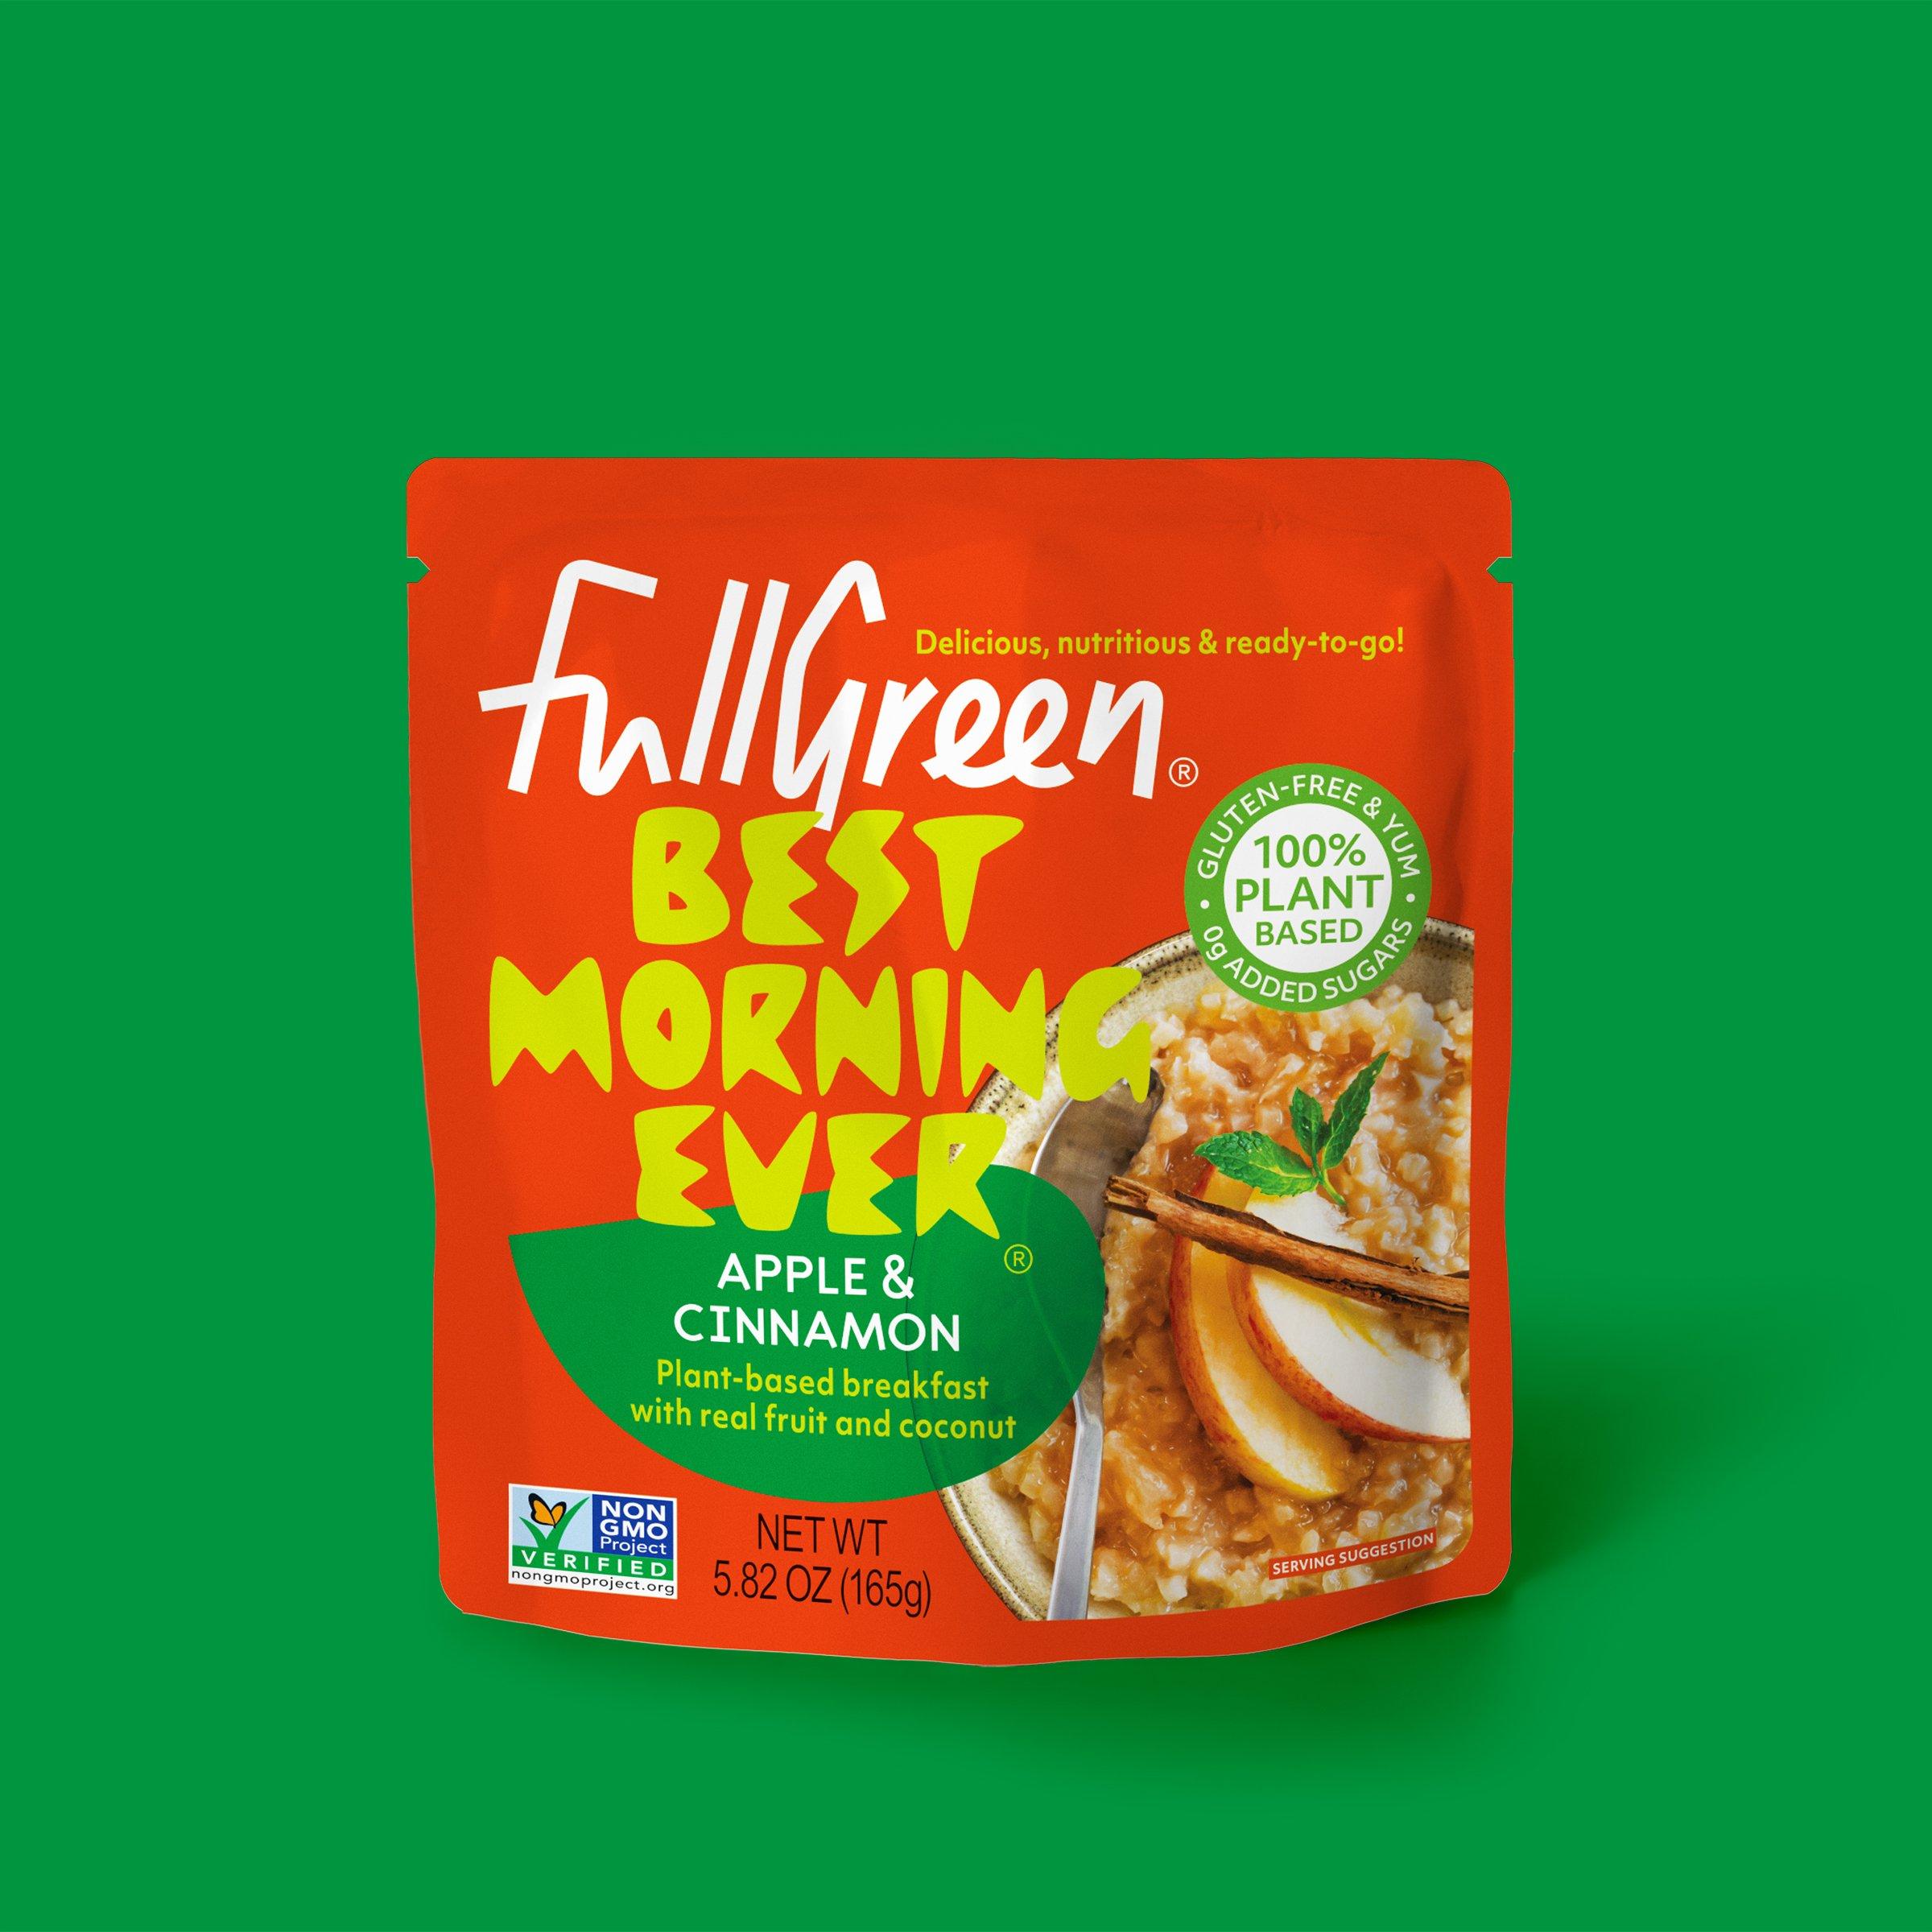 Best Morning Ever Apple & Cinnamon 165g